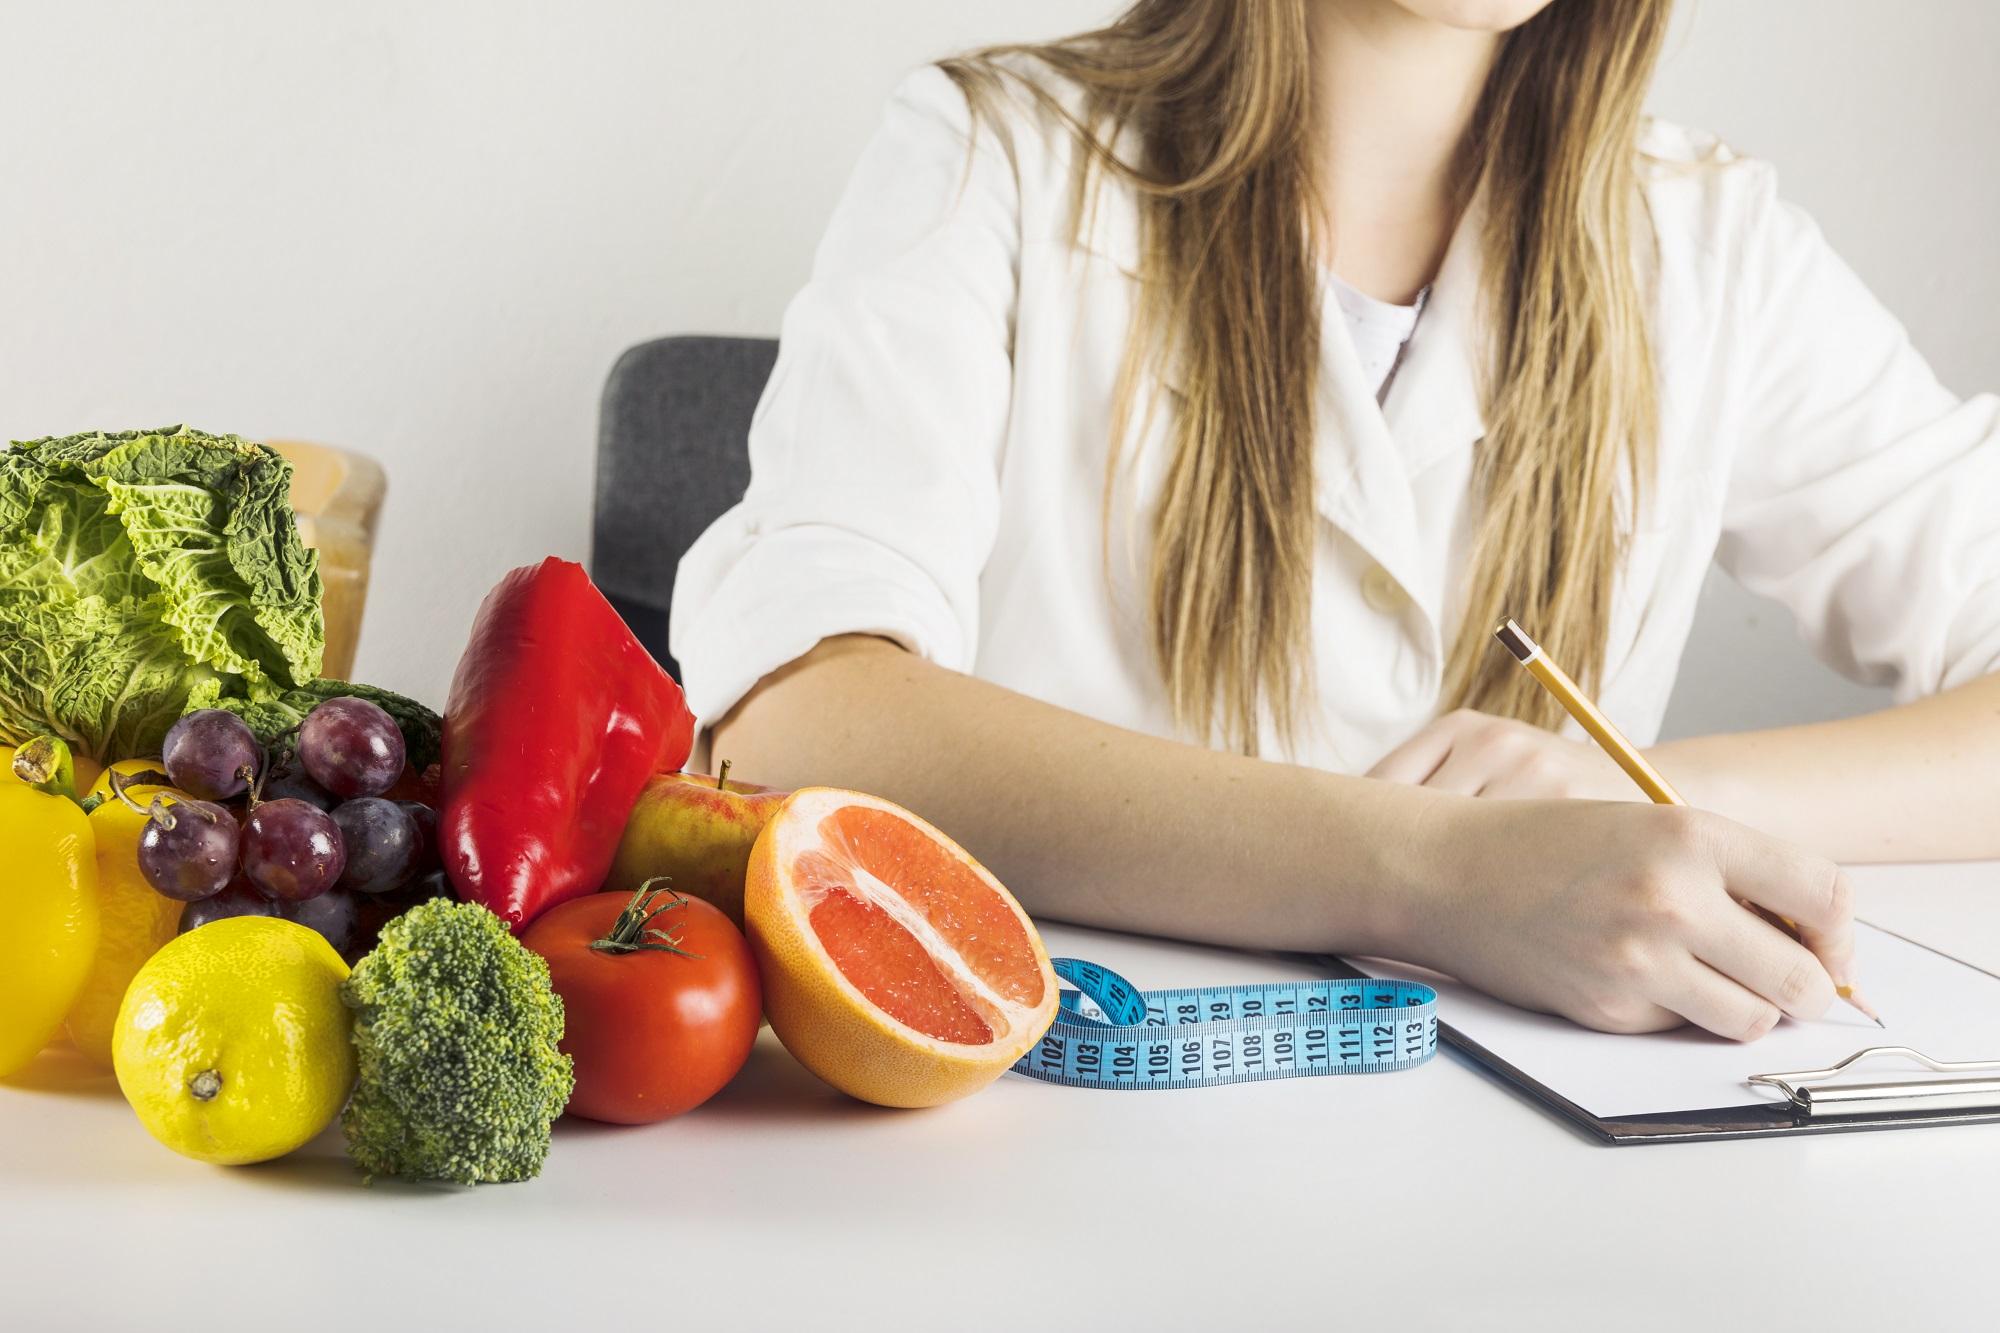 dietetika magas vérnyomás esetén